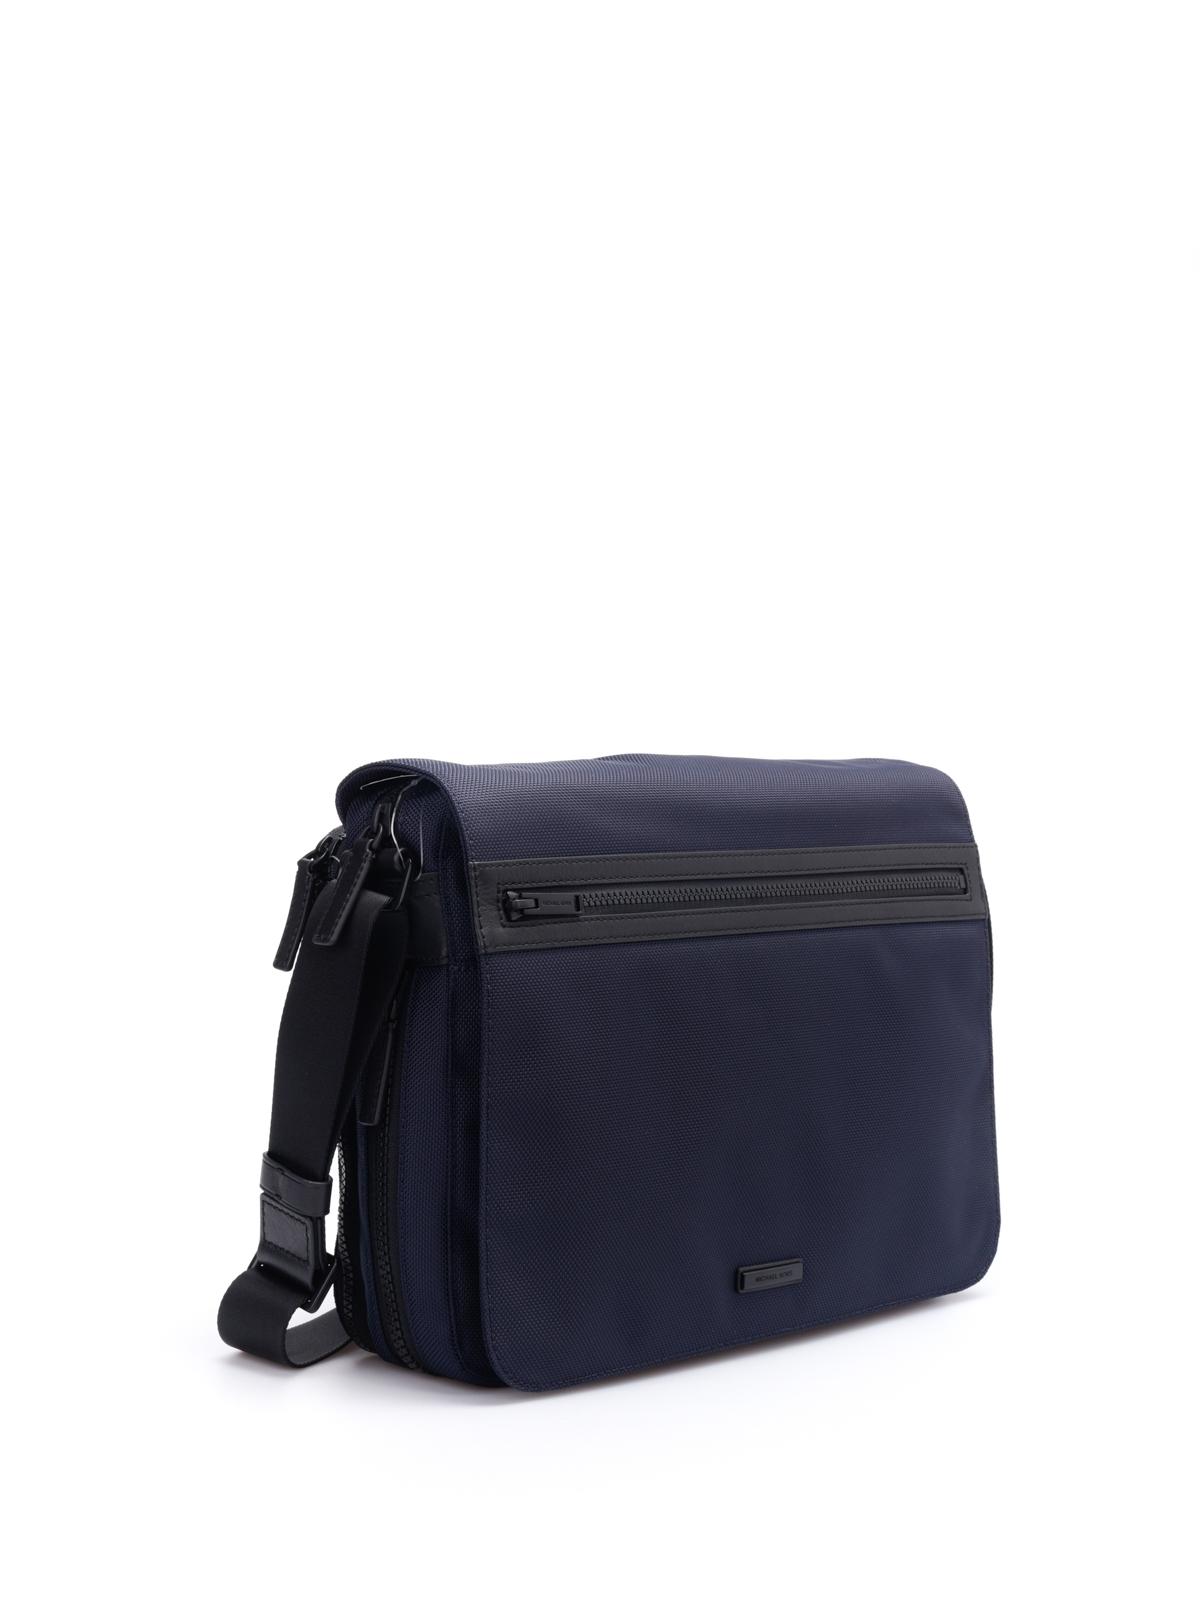 669b3117918 MICHAEL KORS  laptop bags   briefcases online - Parker Nylon messenger